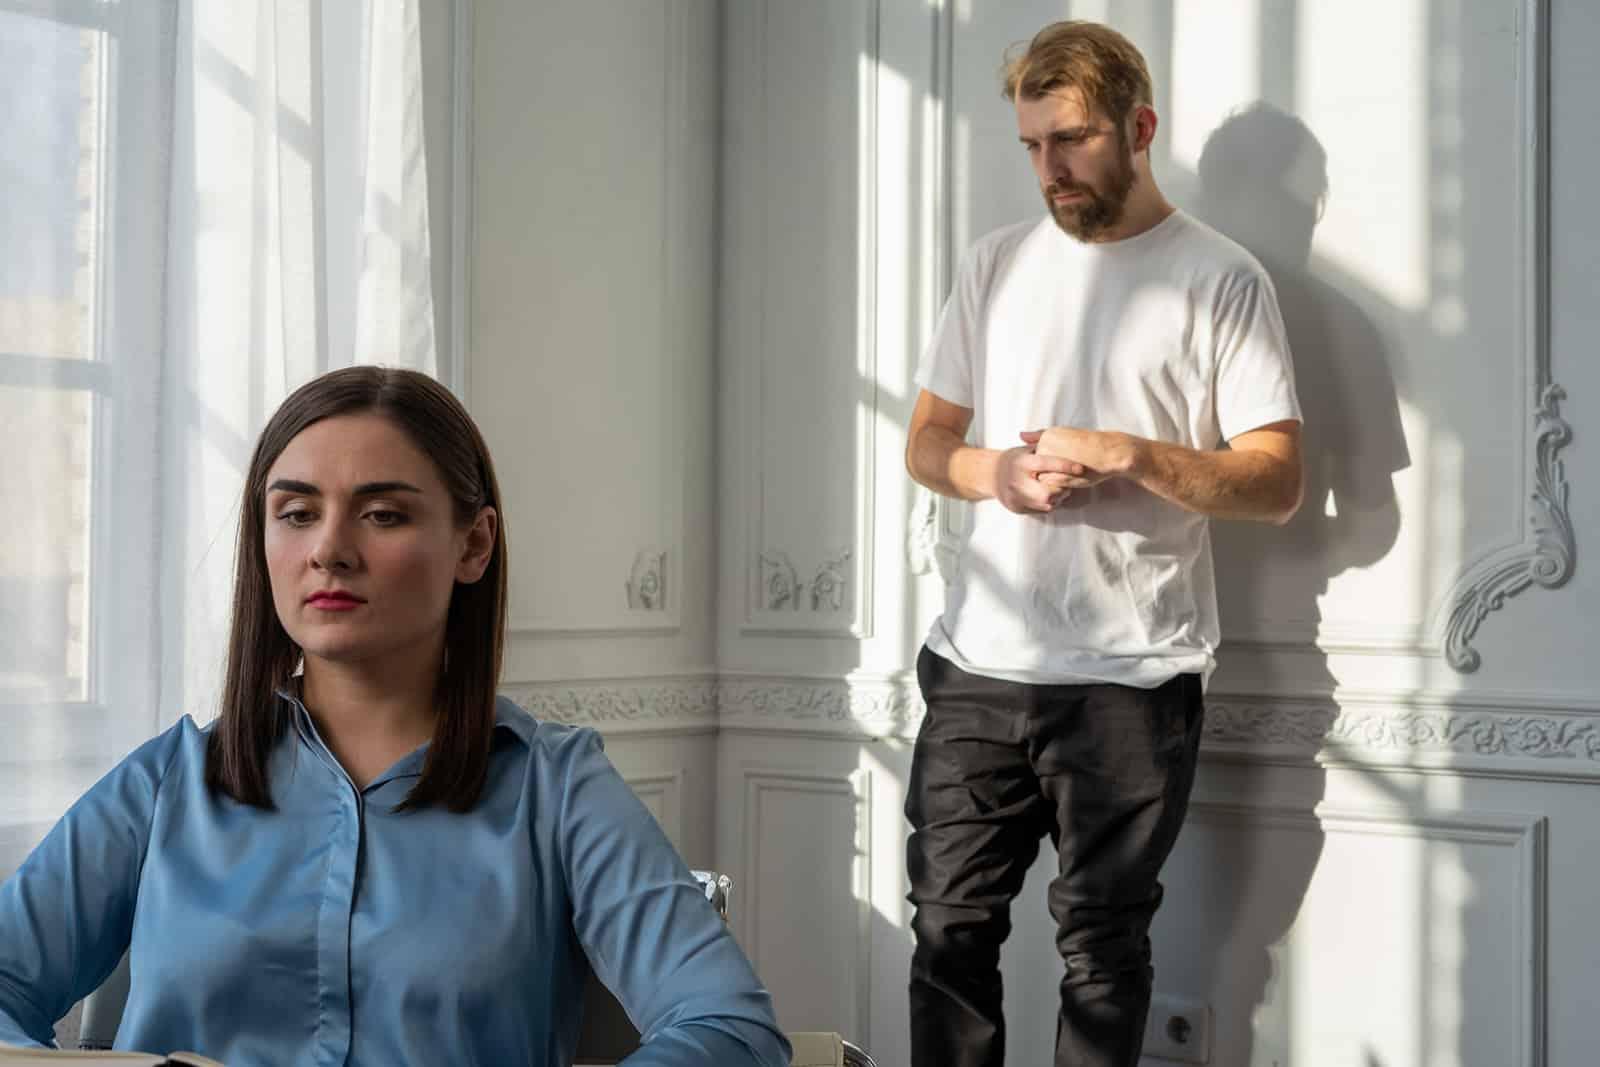 Ein Mann steht hinter einer ernsten Frau, die auf dem Stuhl sitzt